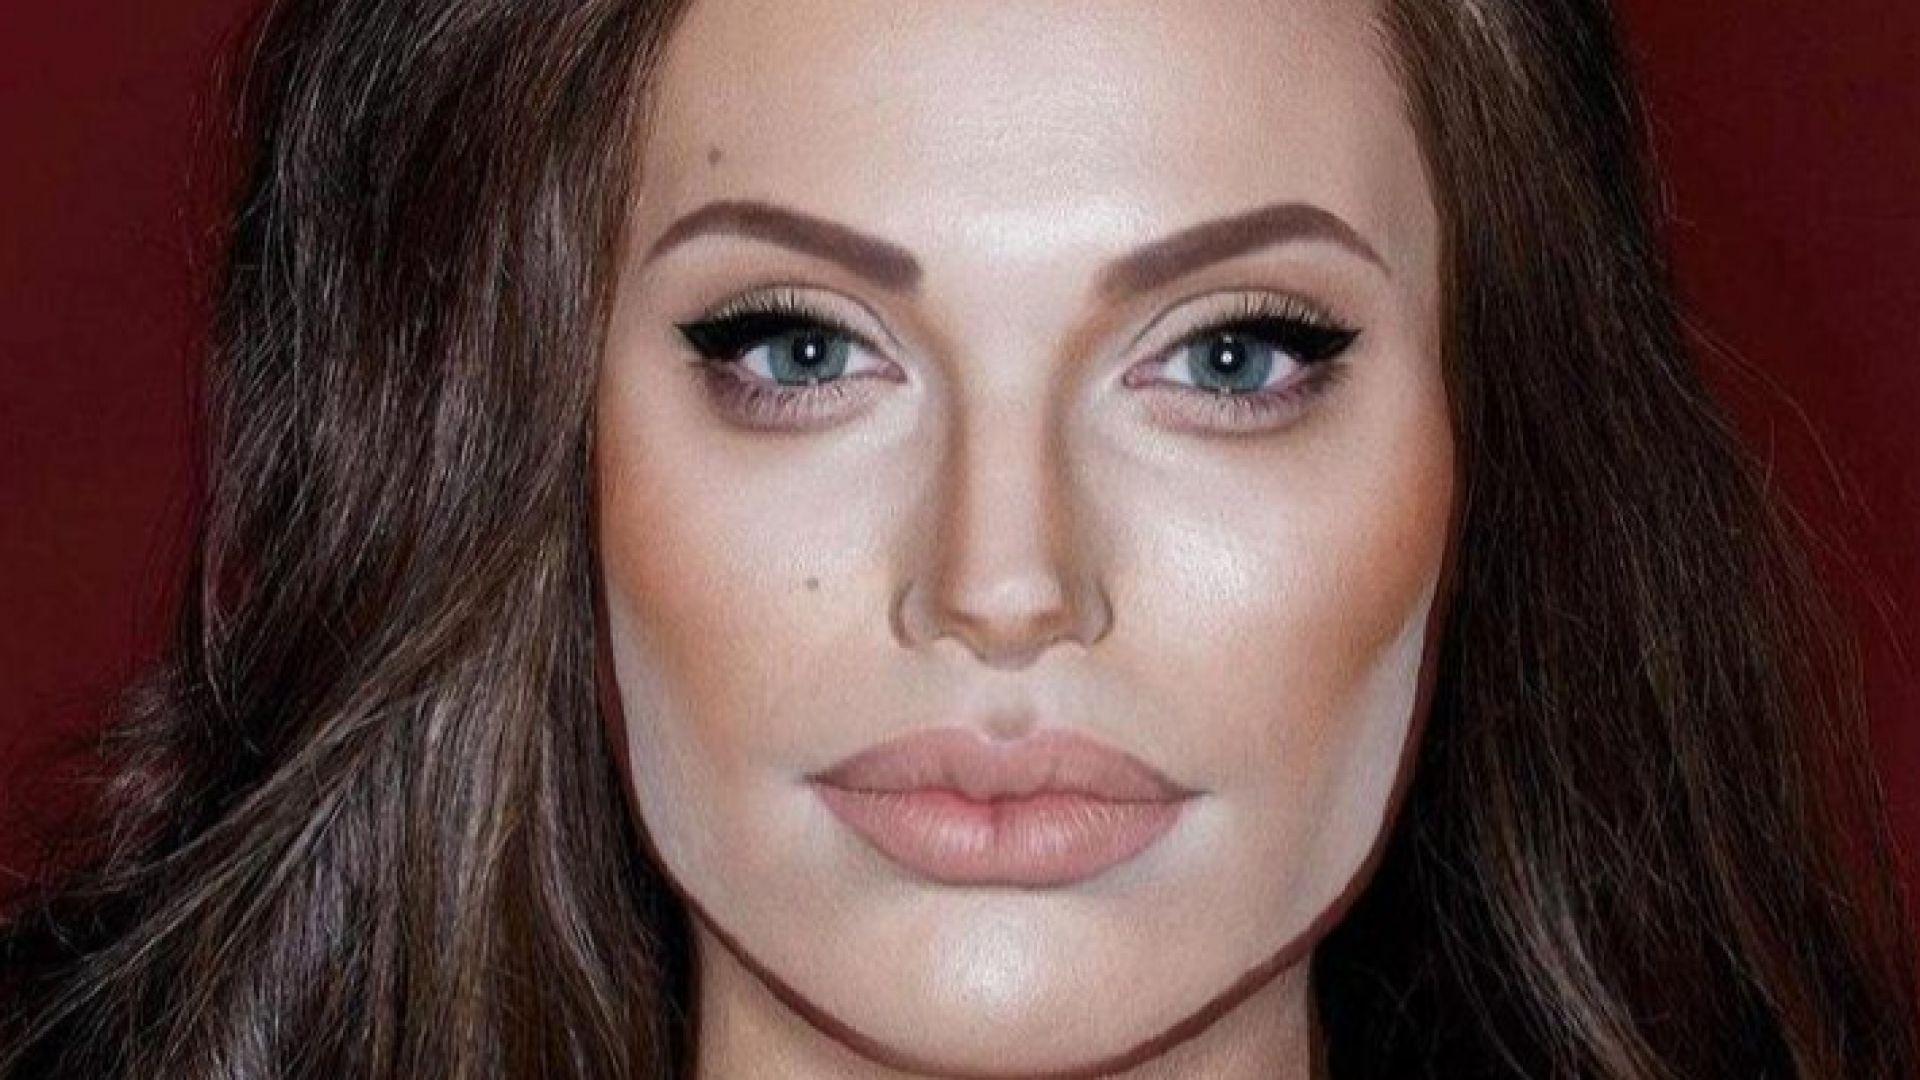 Творецът, който може да се превърне във всяка знаменитост - от Анджелина Джоли до Лейди Ди